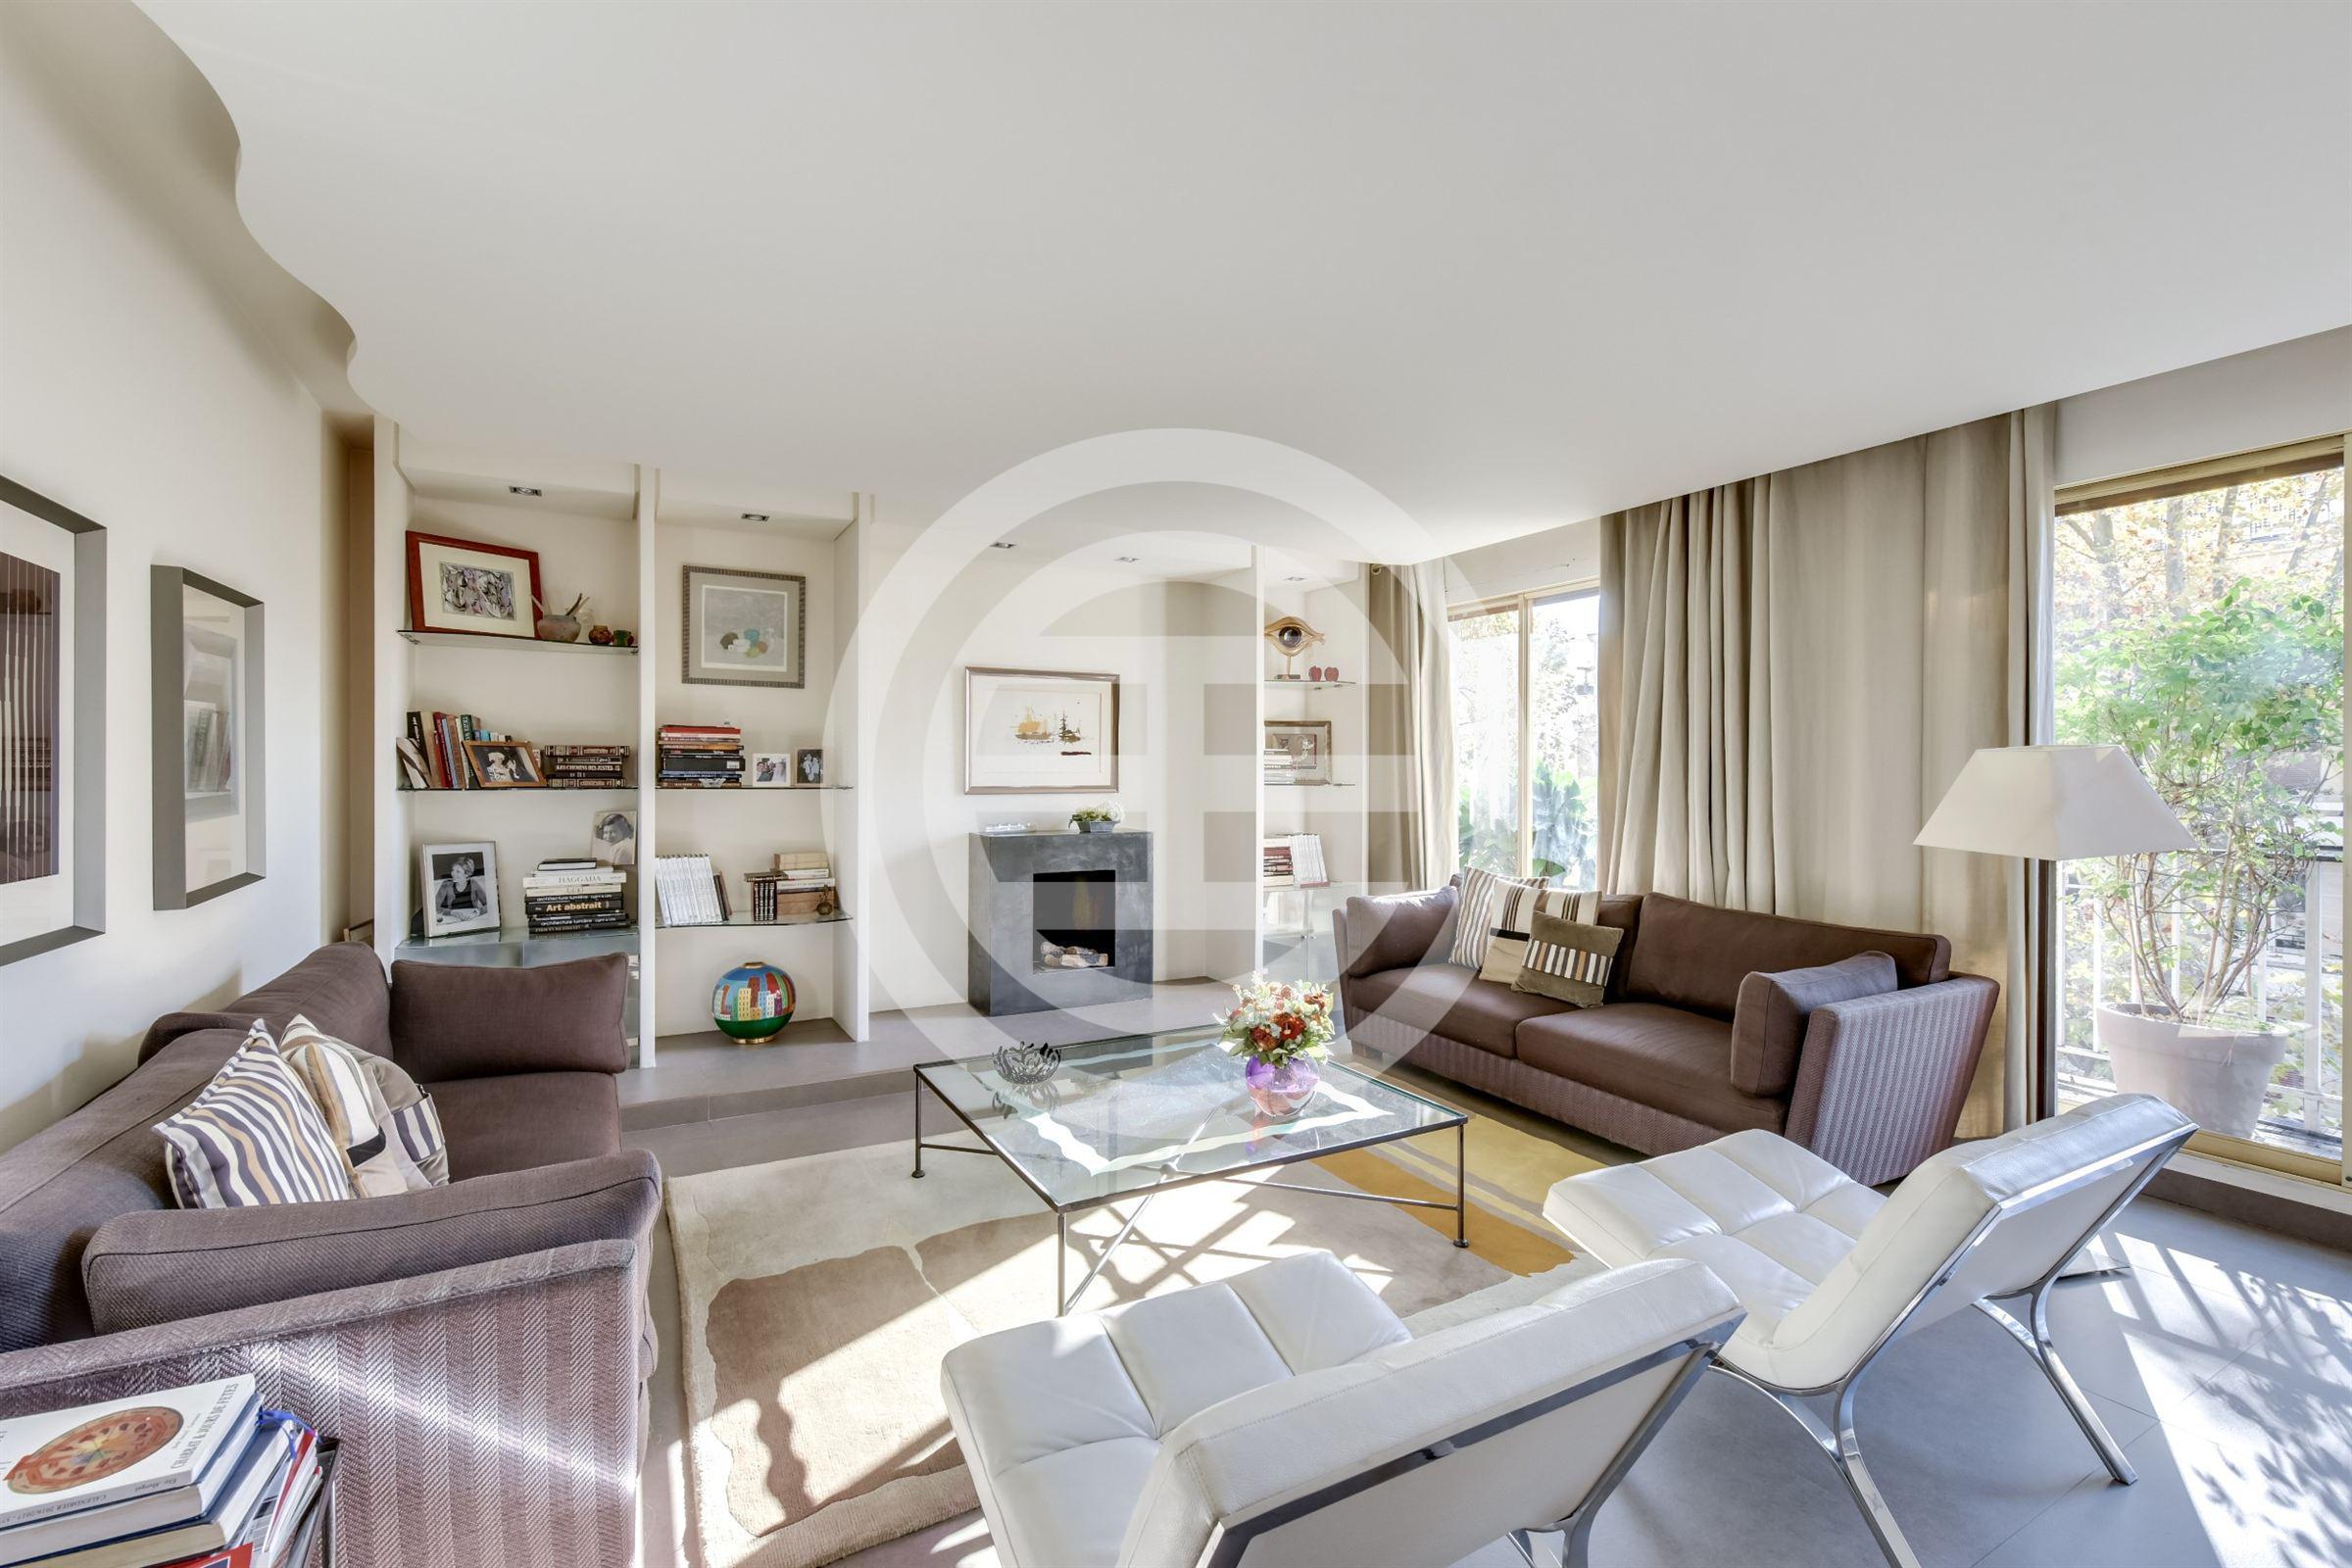 法国巴黎市郊Neuilly-sur-Seine的3卧1卫精美房源,由苏富比国际房地产代理,在居外网上以1,220万元人民币出售(点击图片查看房源信息)